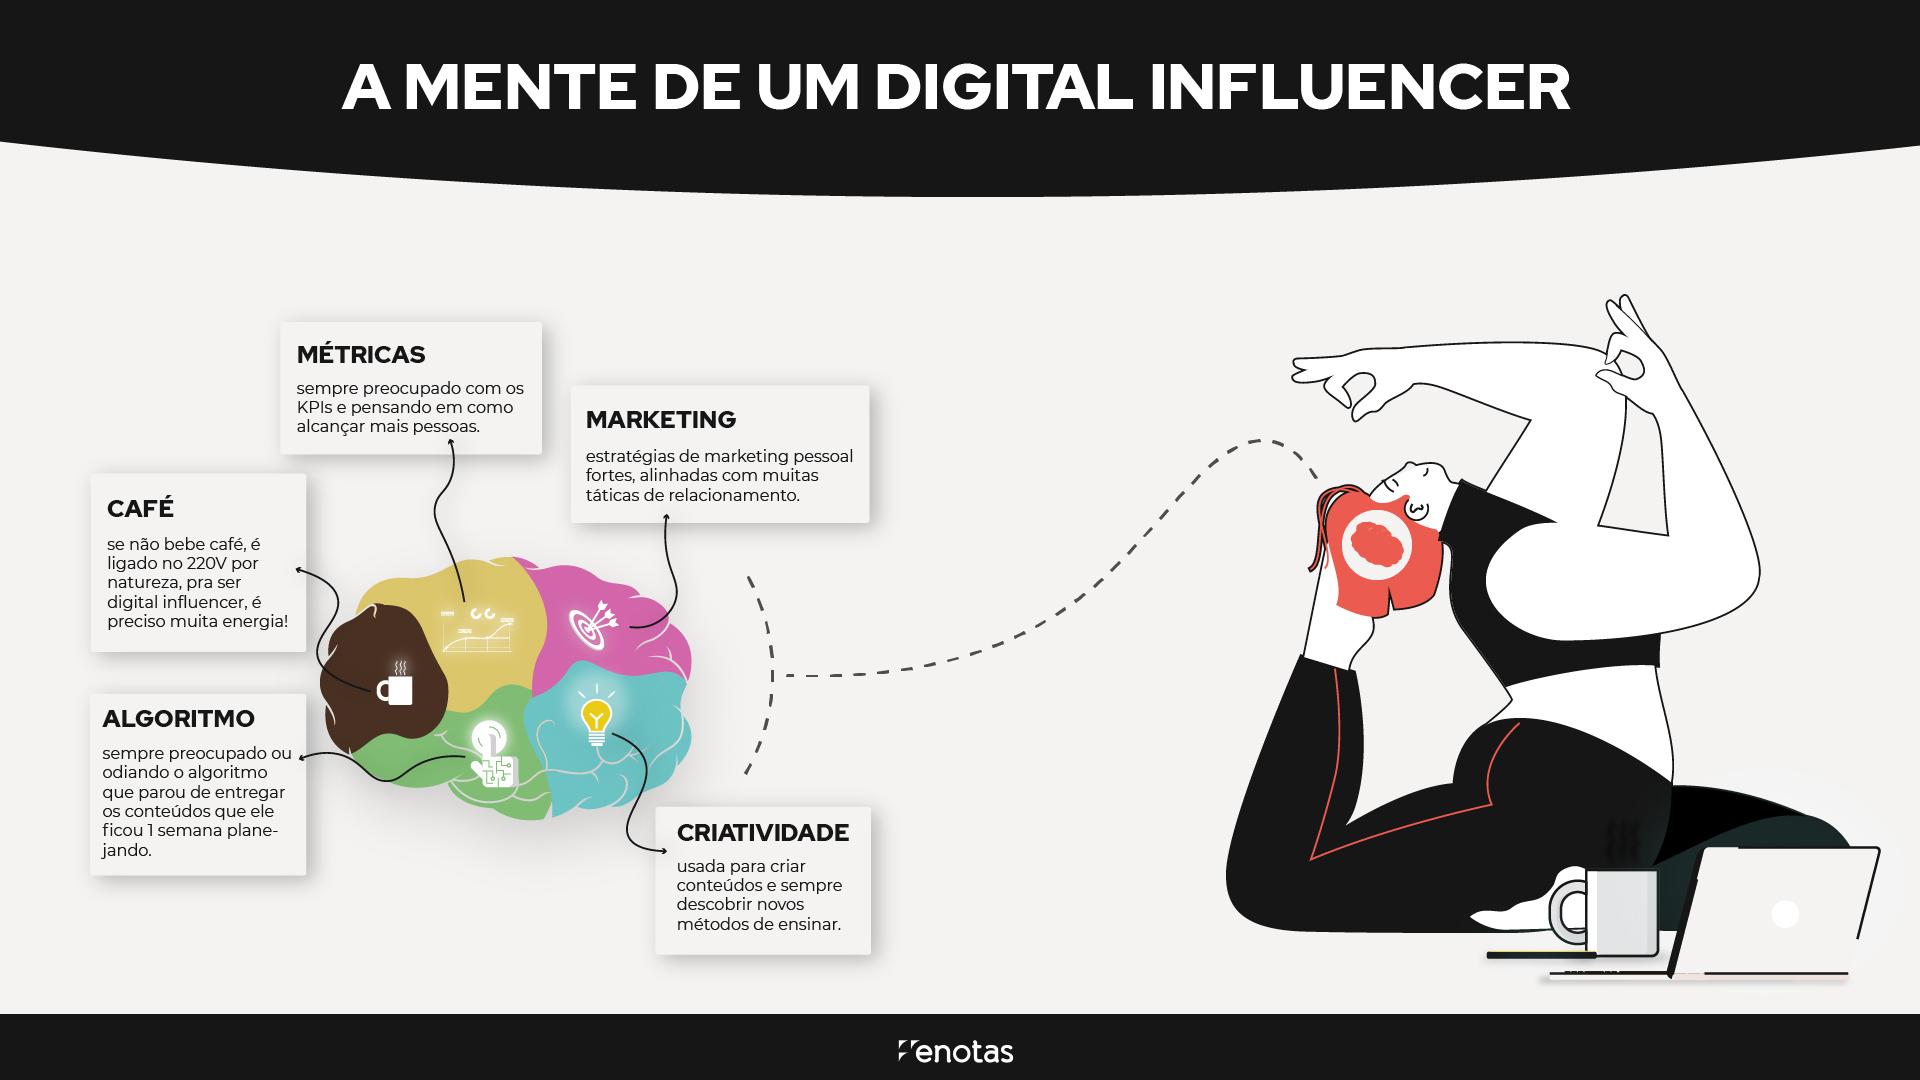 A mente de um digital influencer